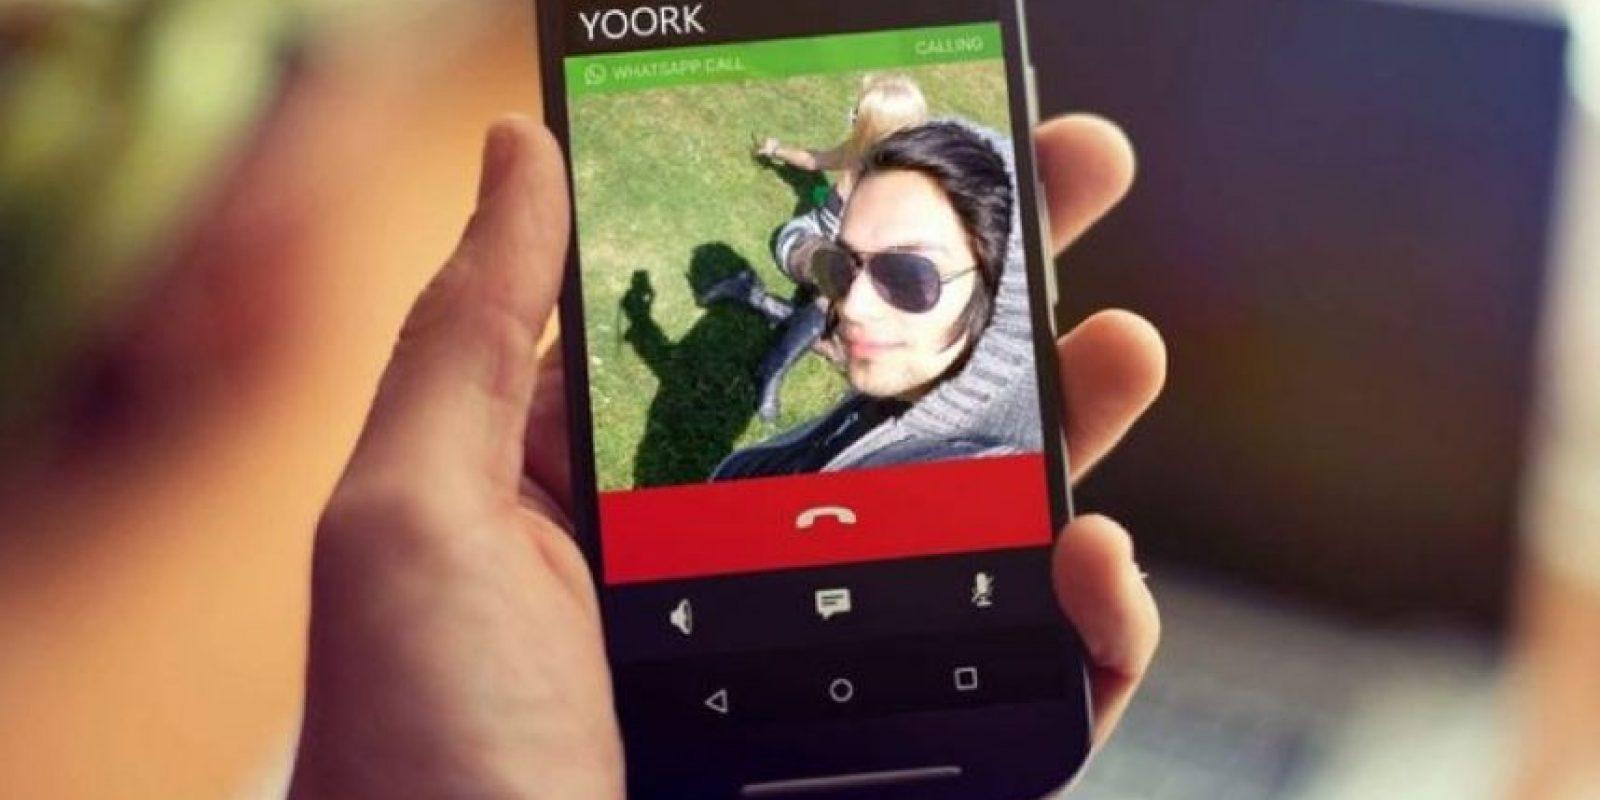 Así se verá cuando llamen a un contacto. Foto:Pinterest